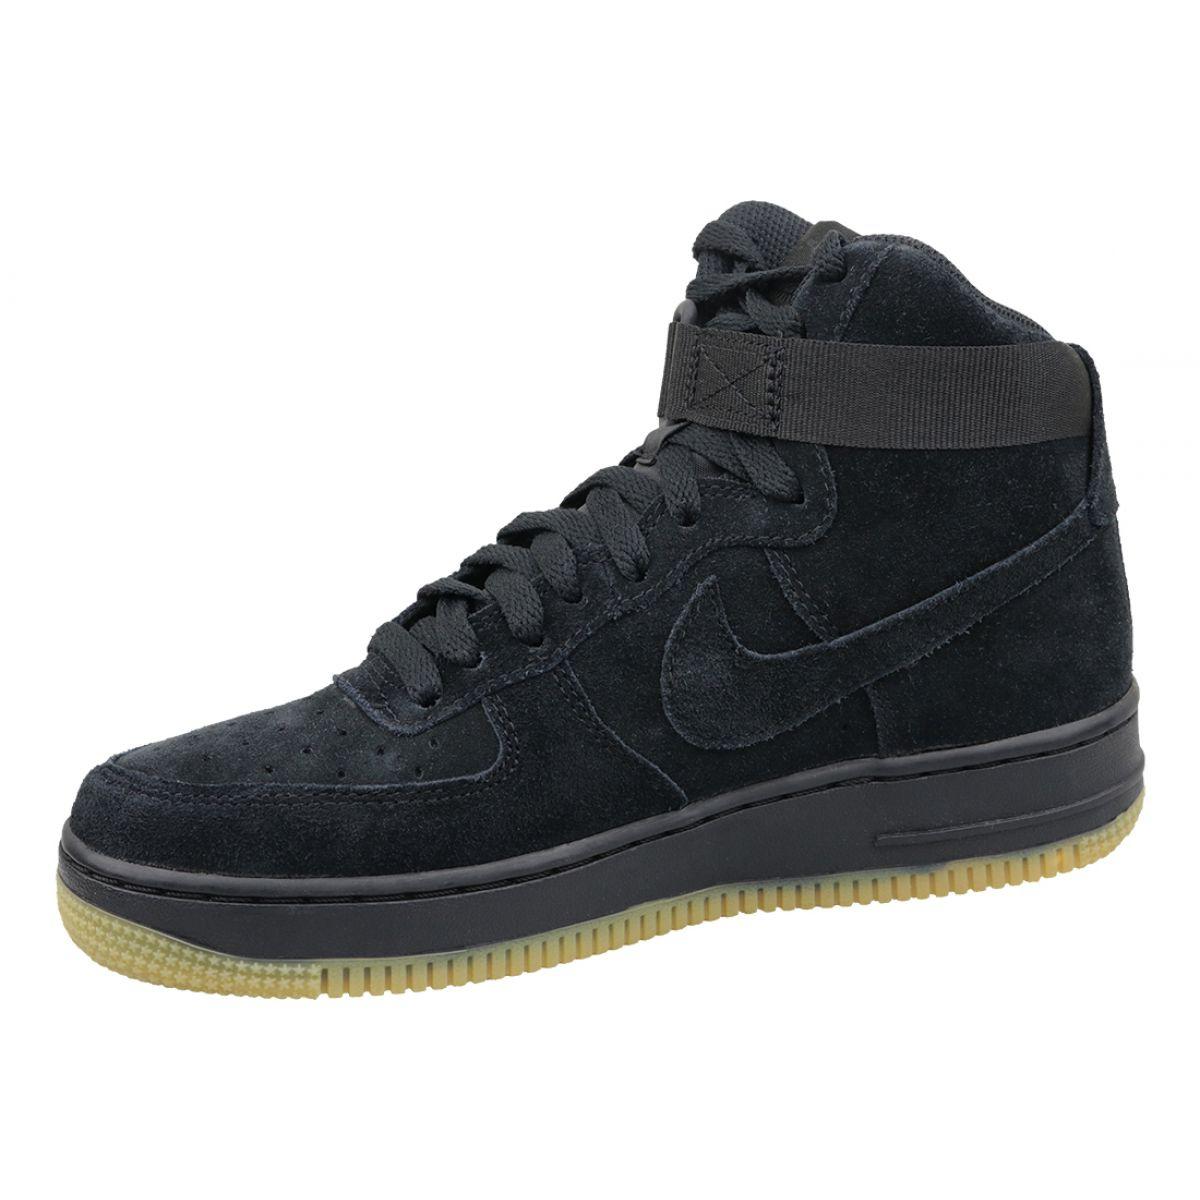 photos officielles c3767 b801b Noir Chaussures Nike Air Force 1 High LV8 Gs L 807617-002